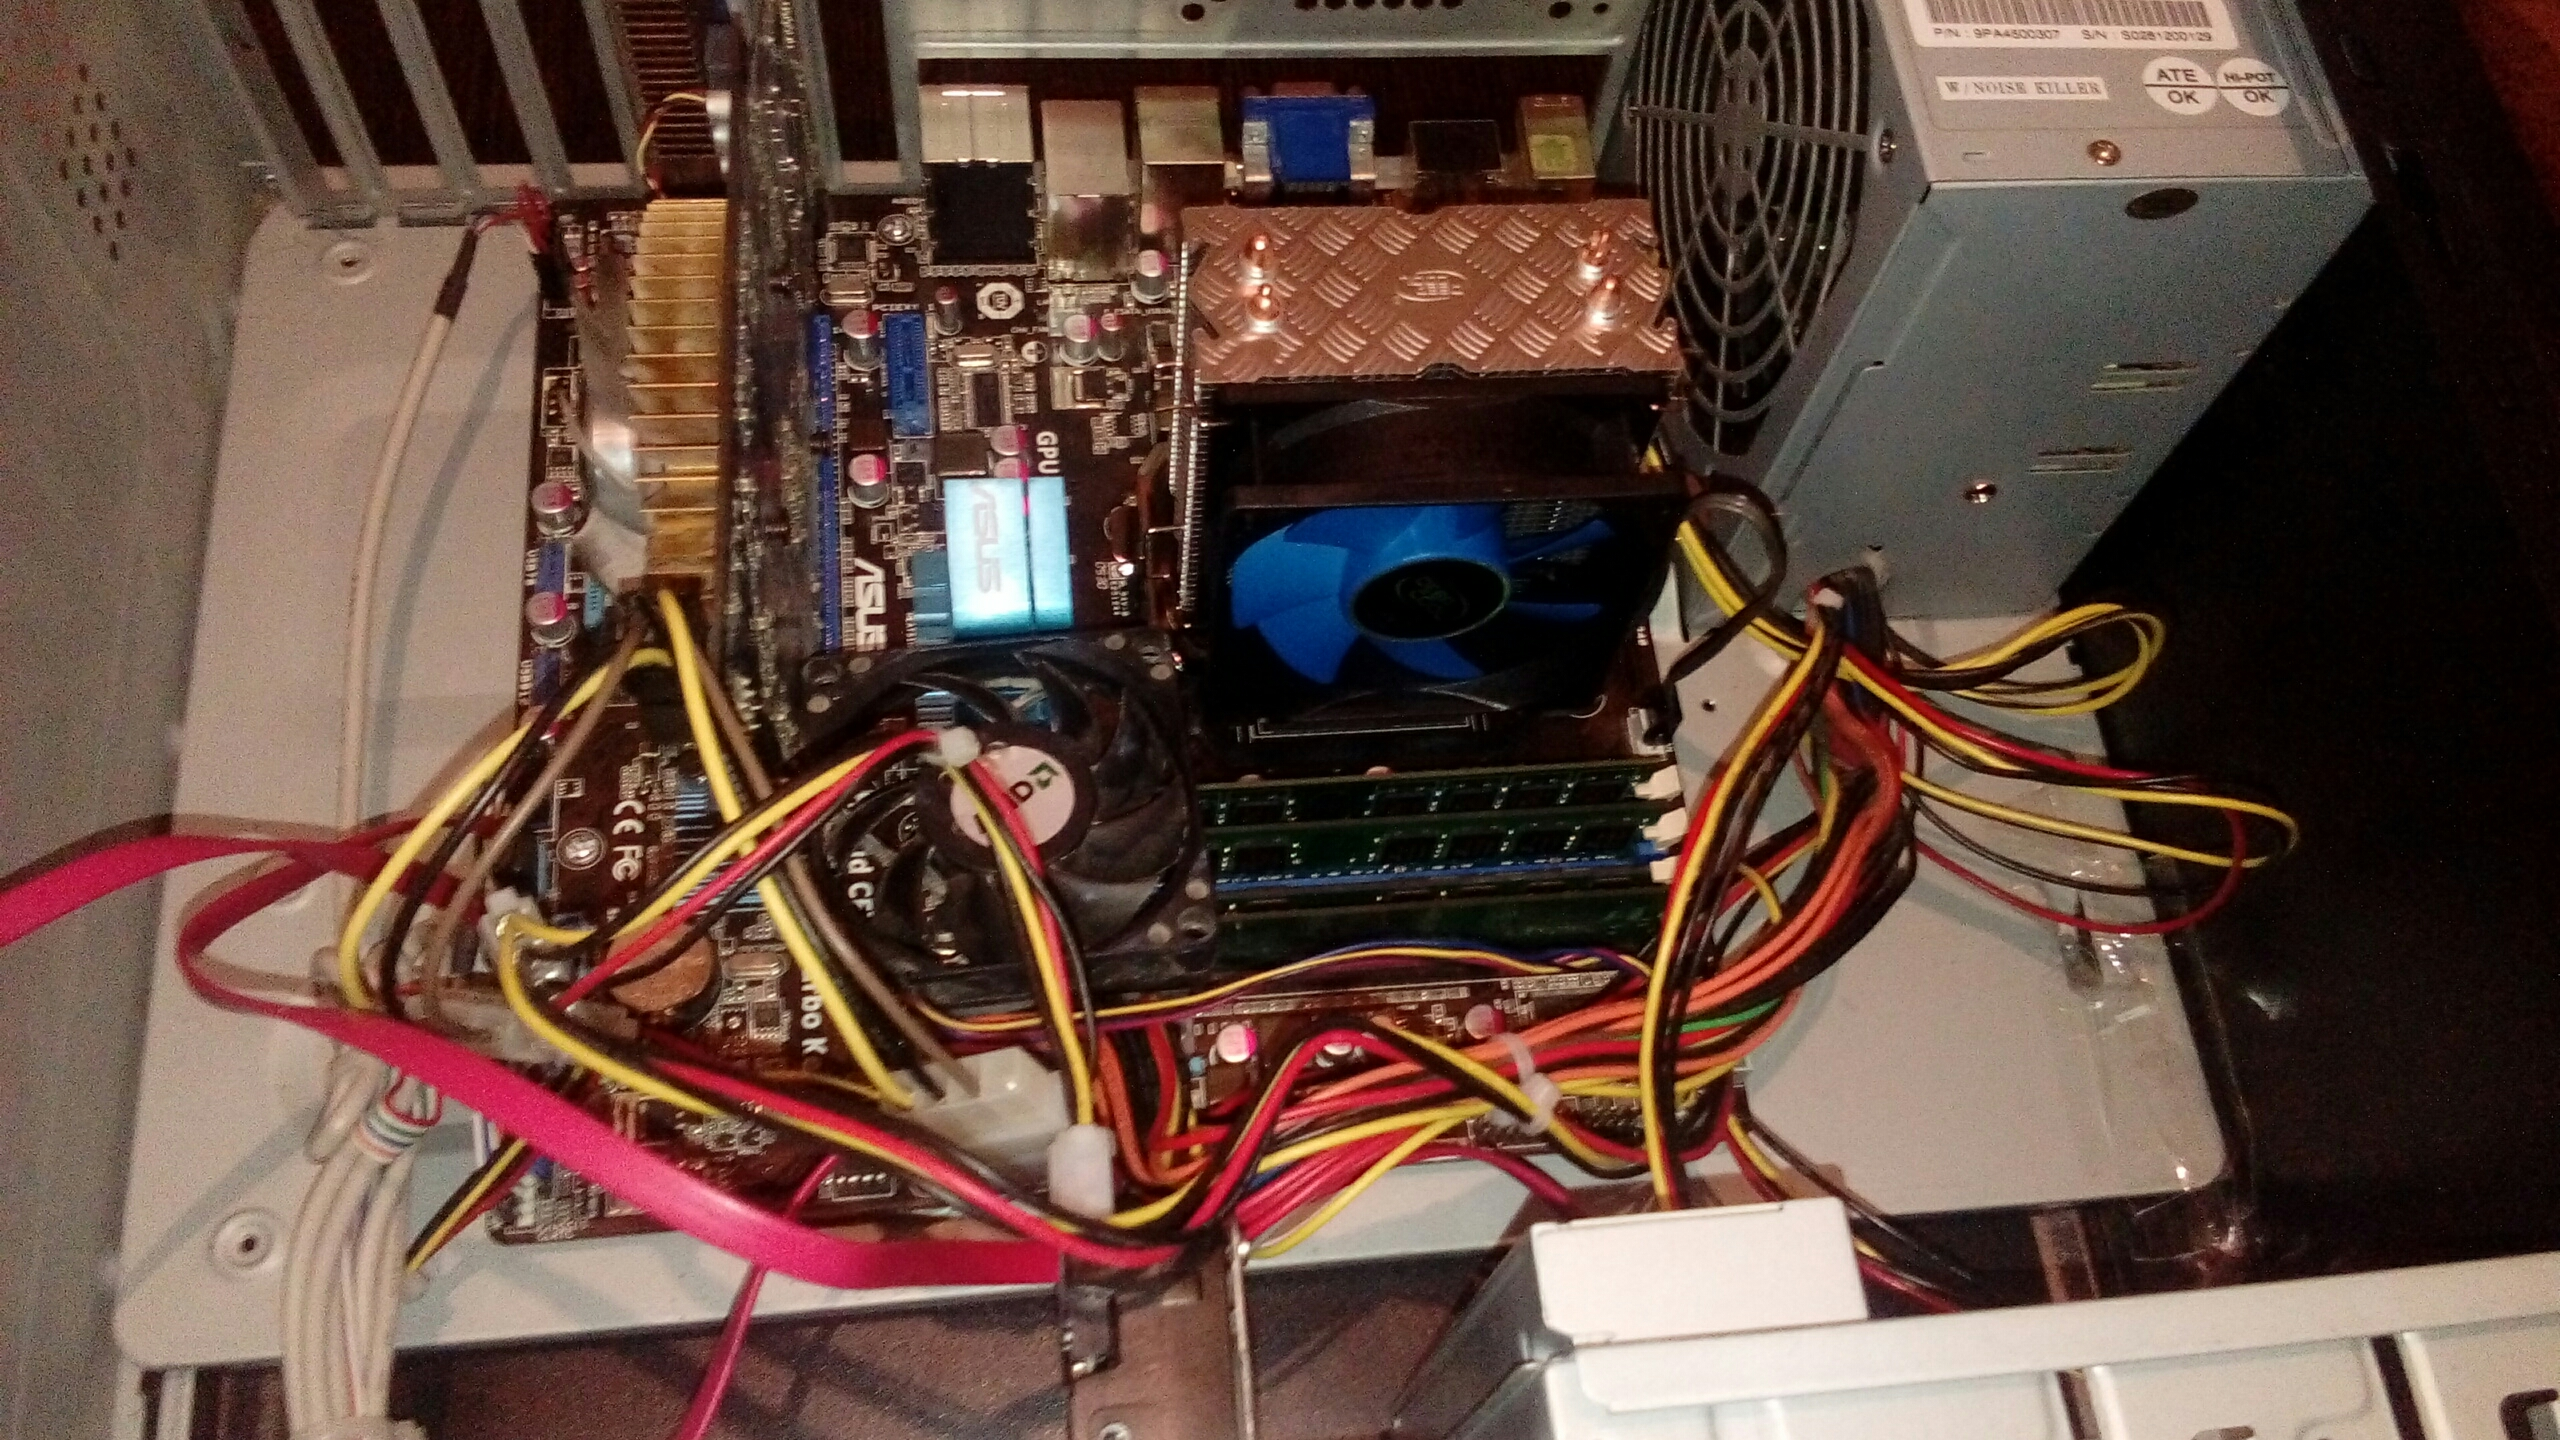 Почему выключается монитор компьютера сам по себе